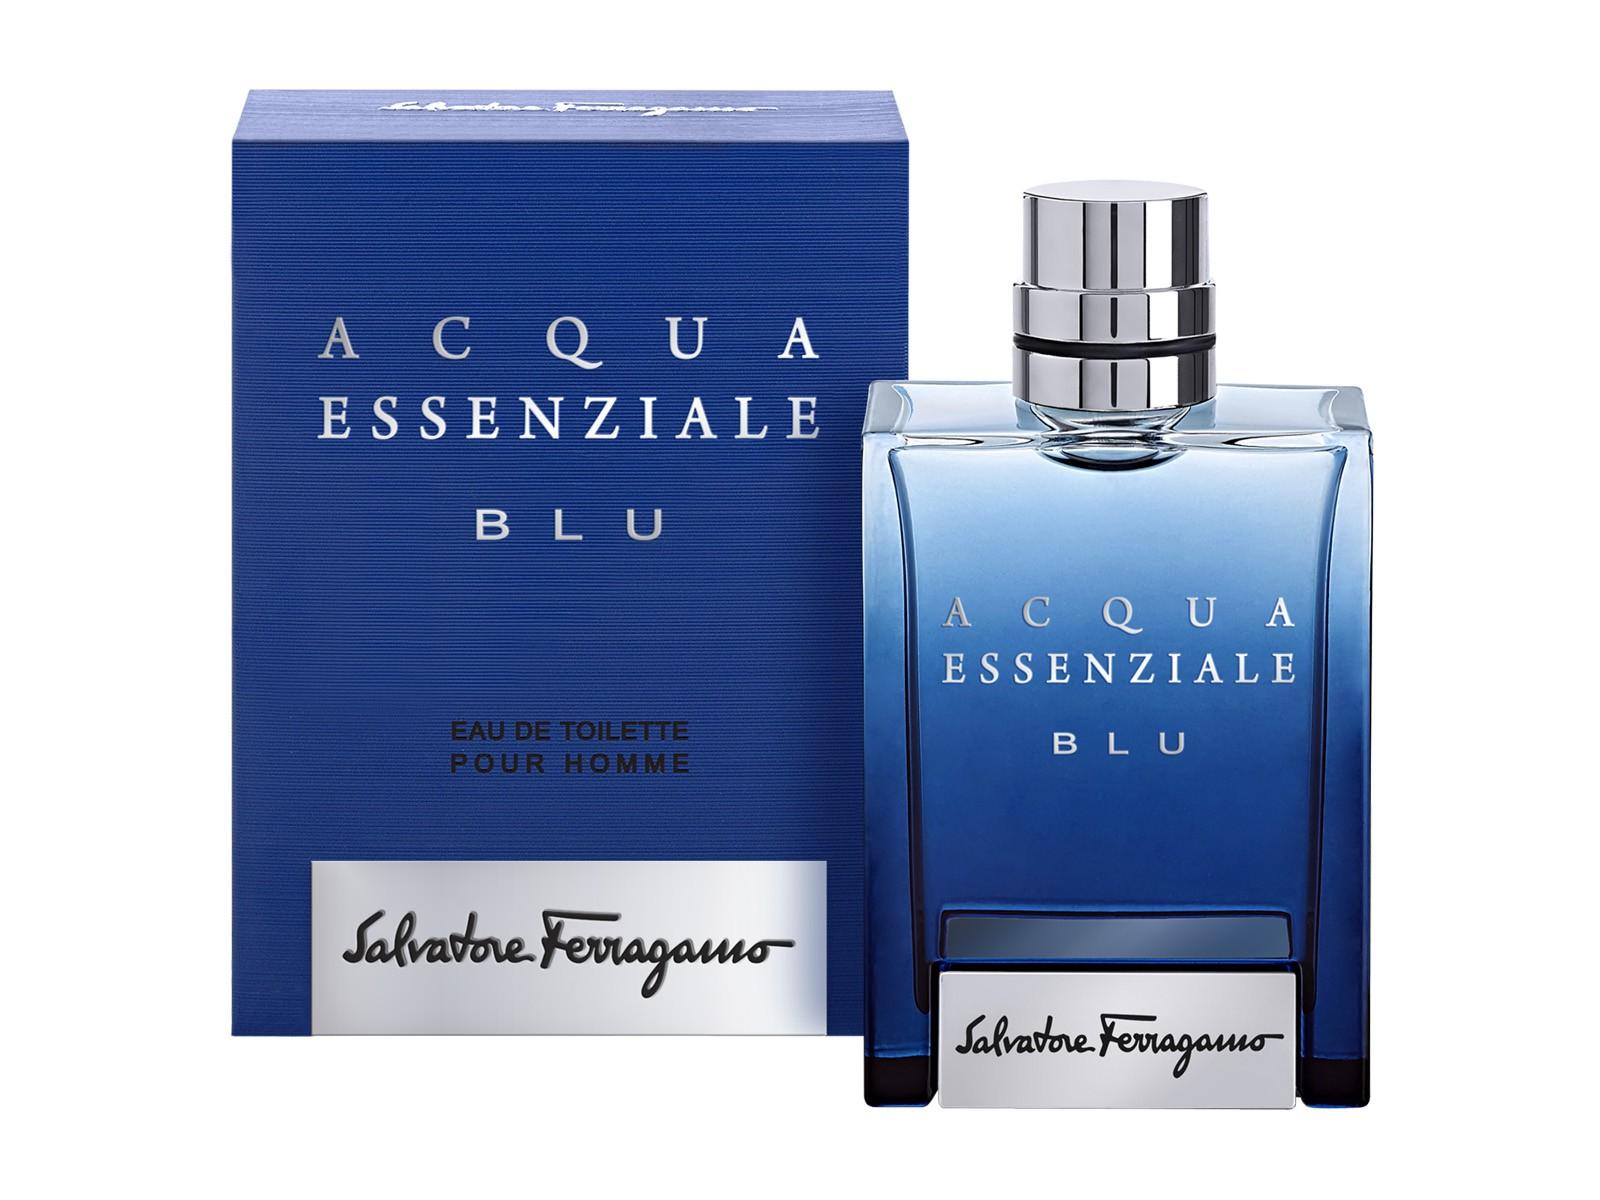 Salvatore Ferragamo Acqua Essenziale Blu аромат для мужчин